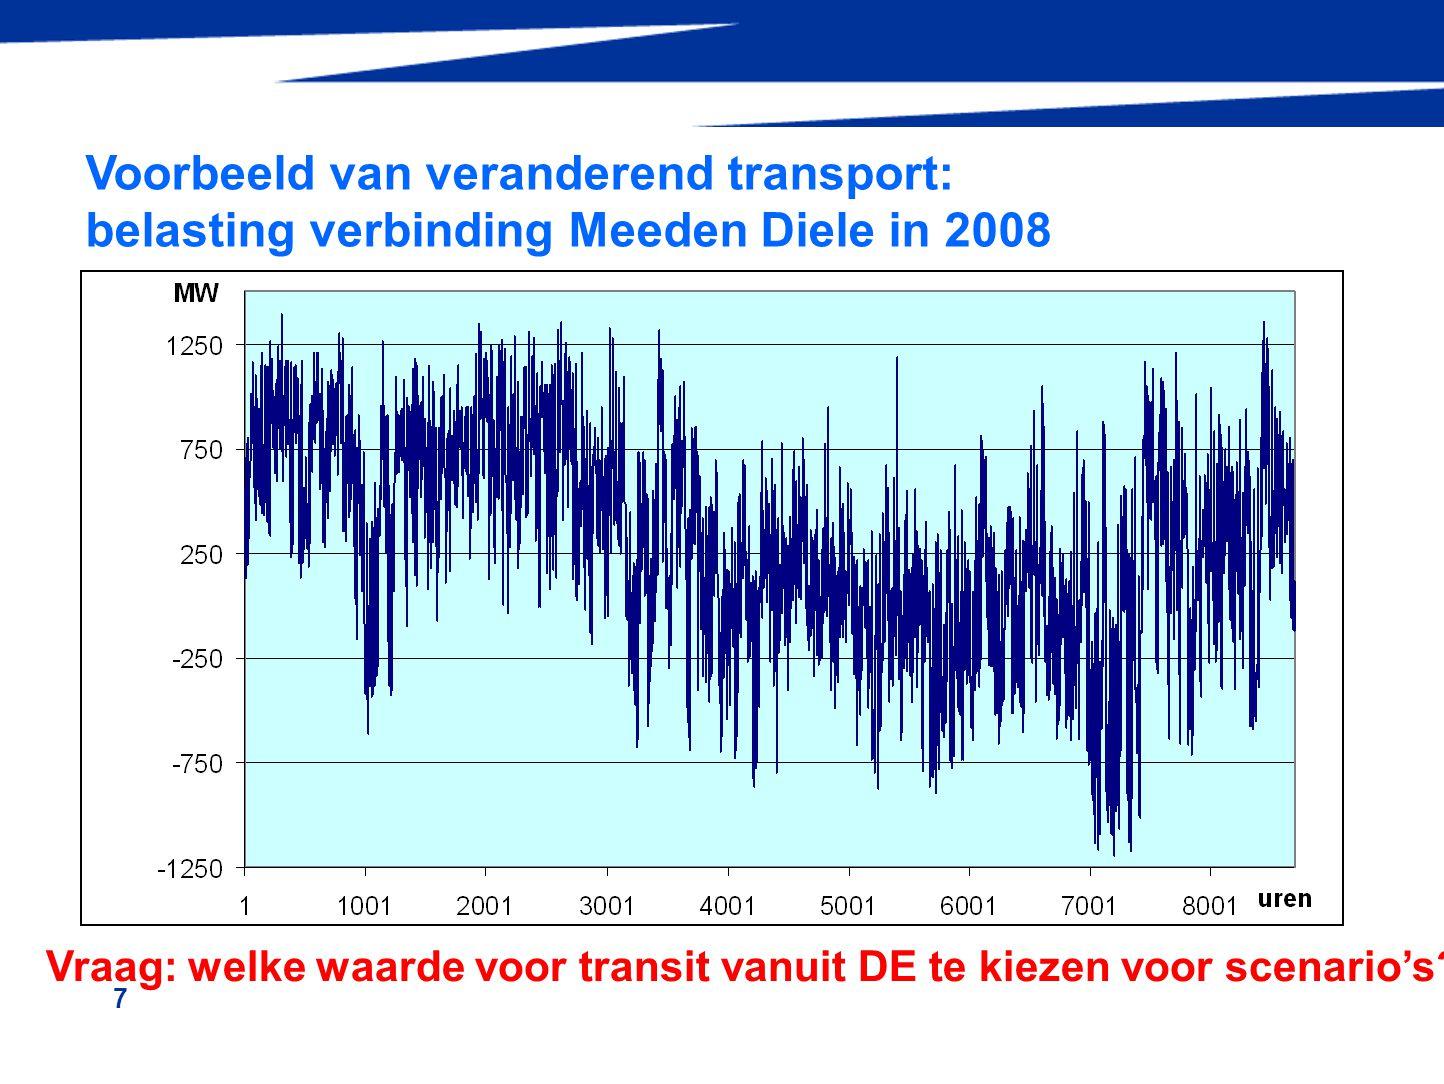 18 condities gehanteerd bij scenario's, zowel voor Noord-Nederland als Zuid- Holland Kosten opheffen congestie (nieuwe versus bestaande eenheden) is onderverdeeld in tranches: tot 700 MW = 5€ / MWh 700-1400 MW = 10 € / MWh boven 1400 MW = 27 € / MWh Q1 SC- IIISC-IV SC-II SC- III SC- I Q2 Q3Q4